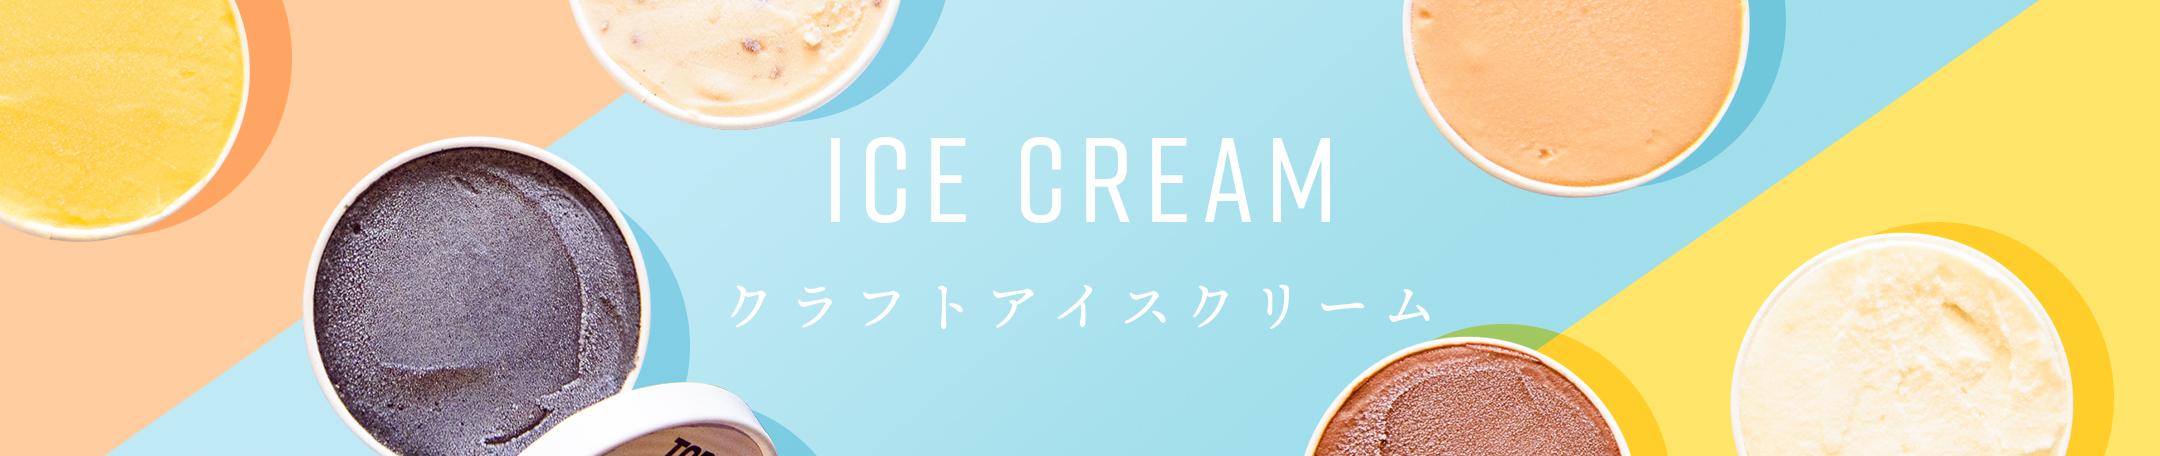 クラフトアイスクリーム